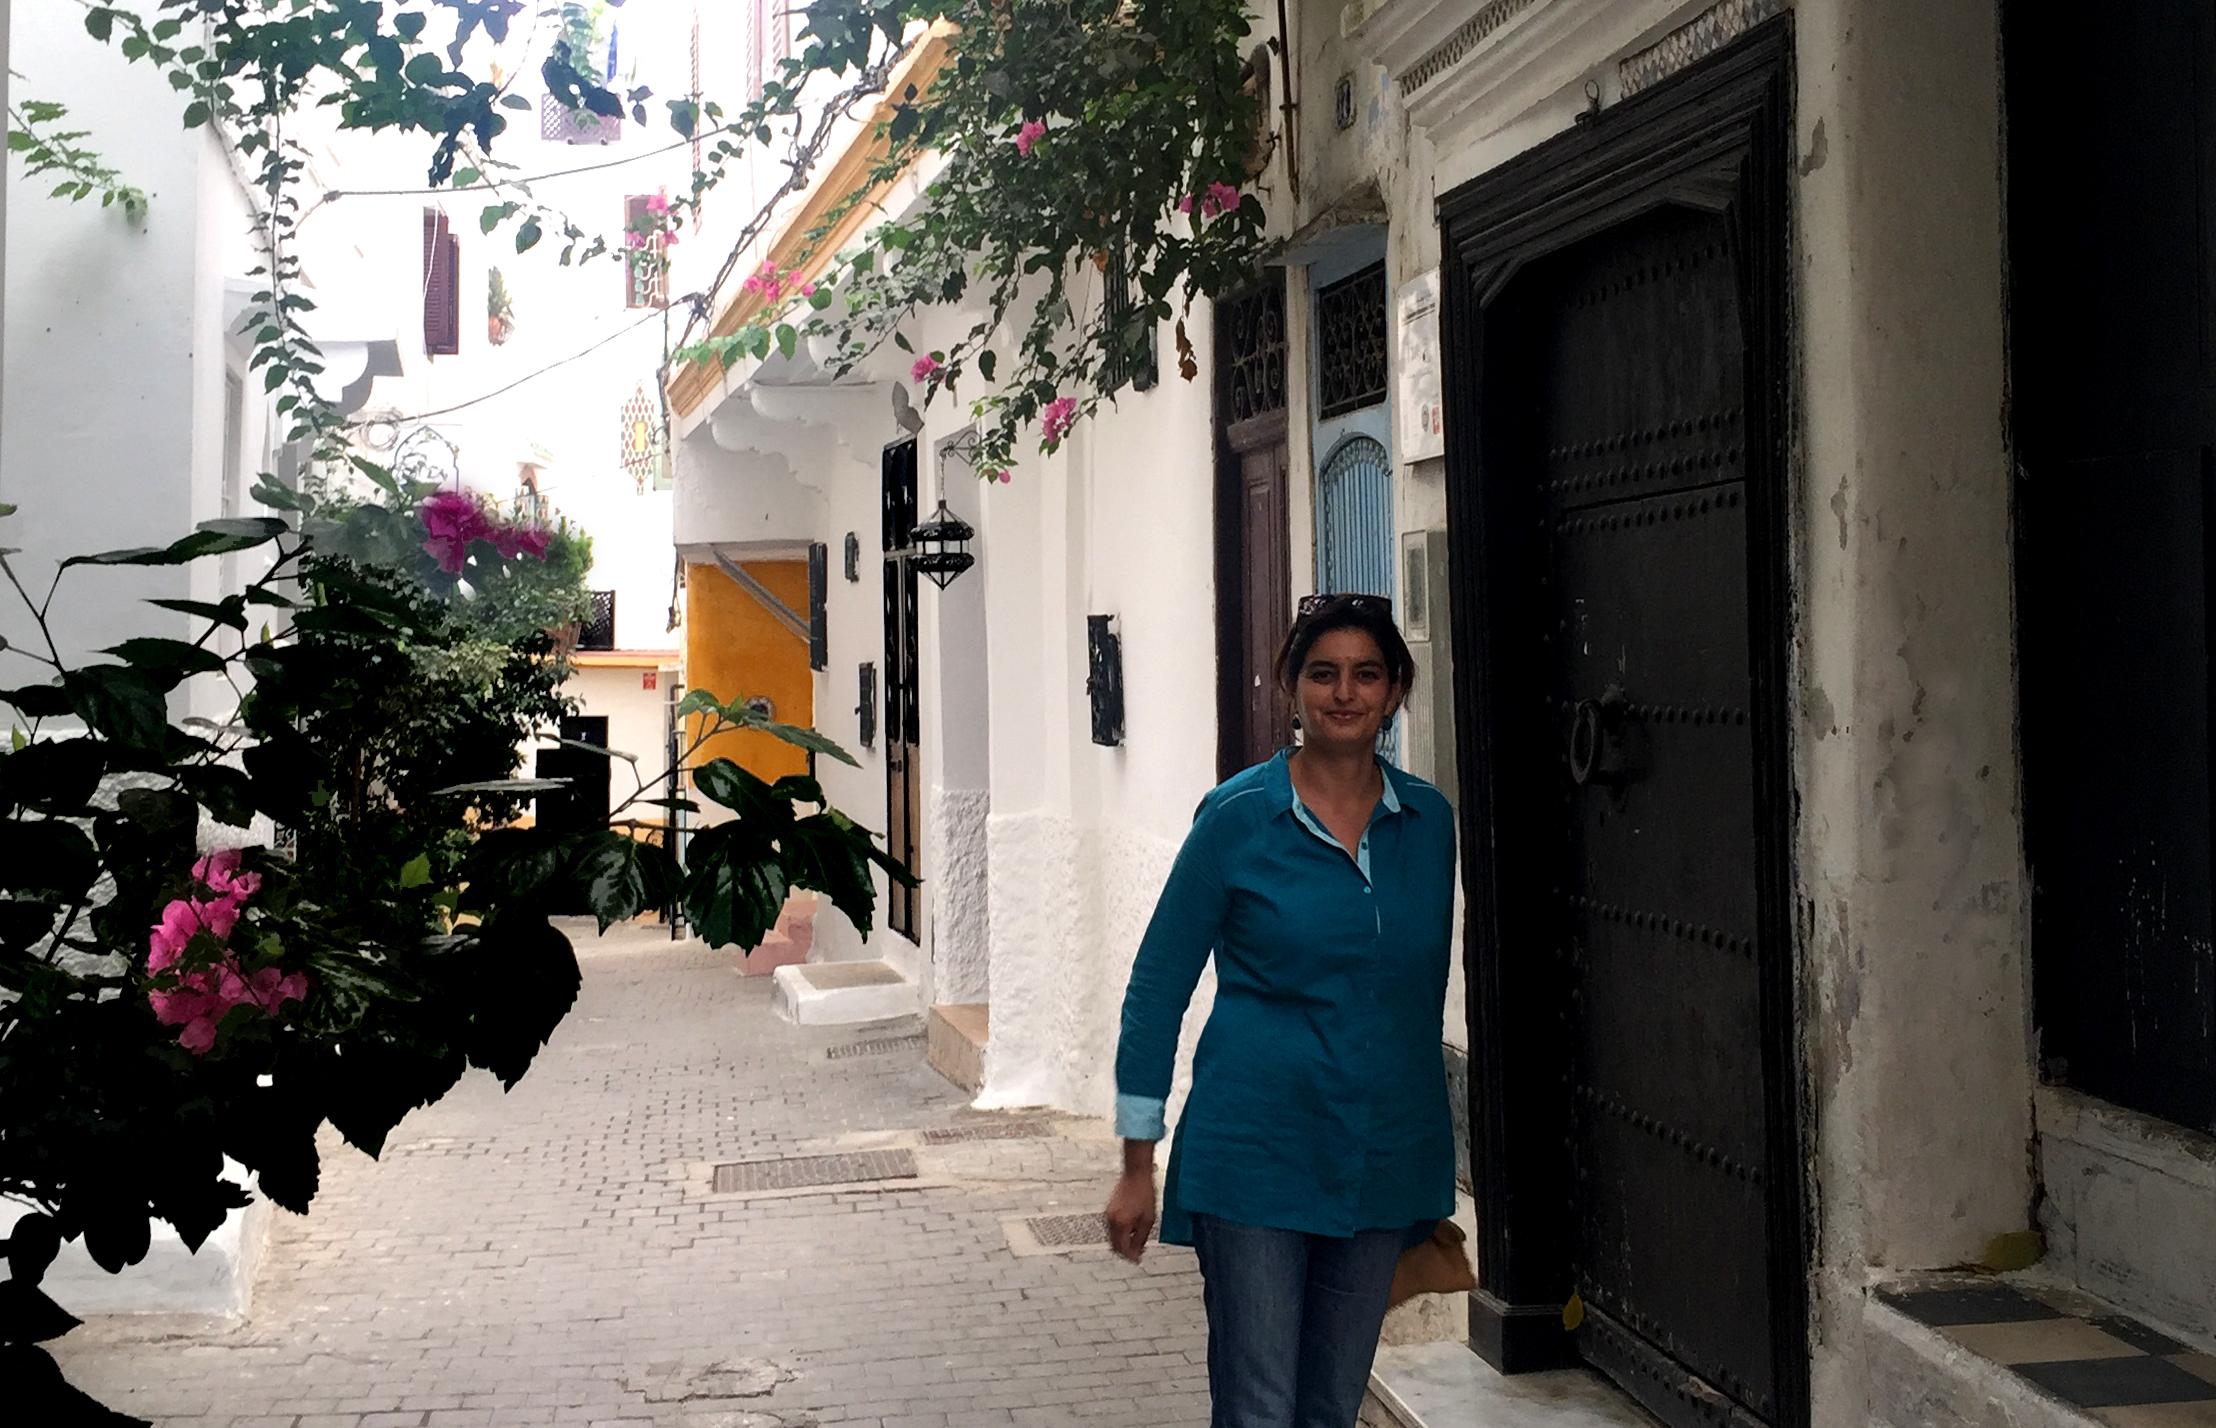 Centro Abdellah Gennoun, kasbah de Tánger.